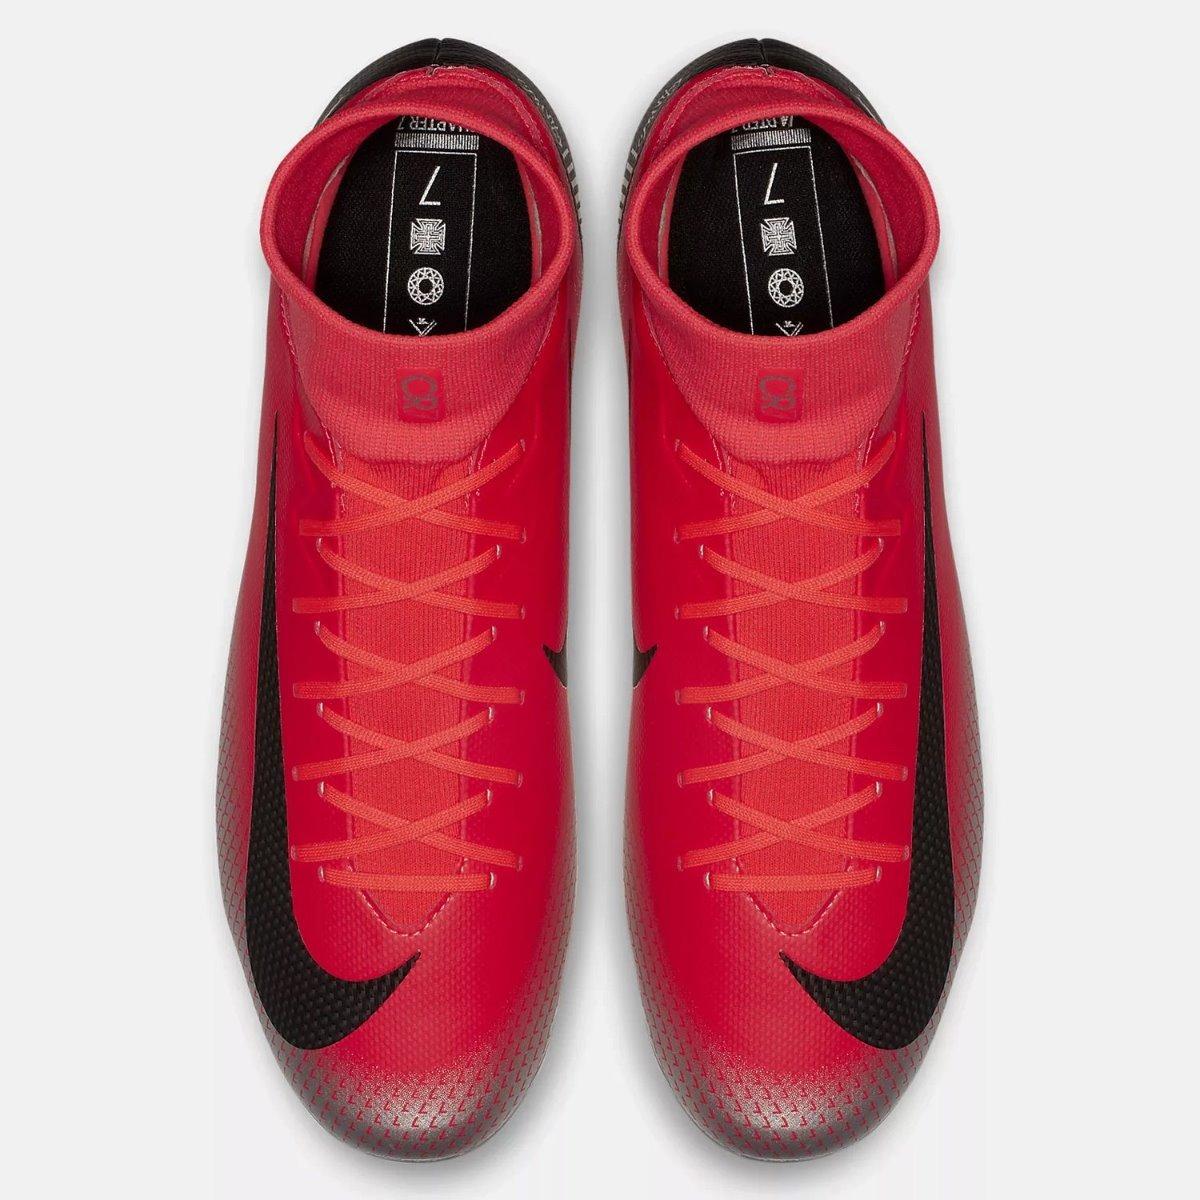 zapatos fútbol mercurial superfly cr7 rojo hombre aj3541-600. Cargando zoom. 5f1e1de7b1c05